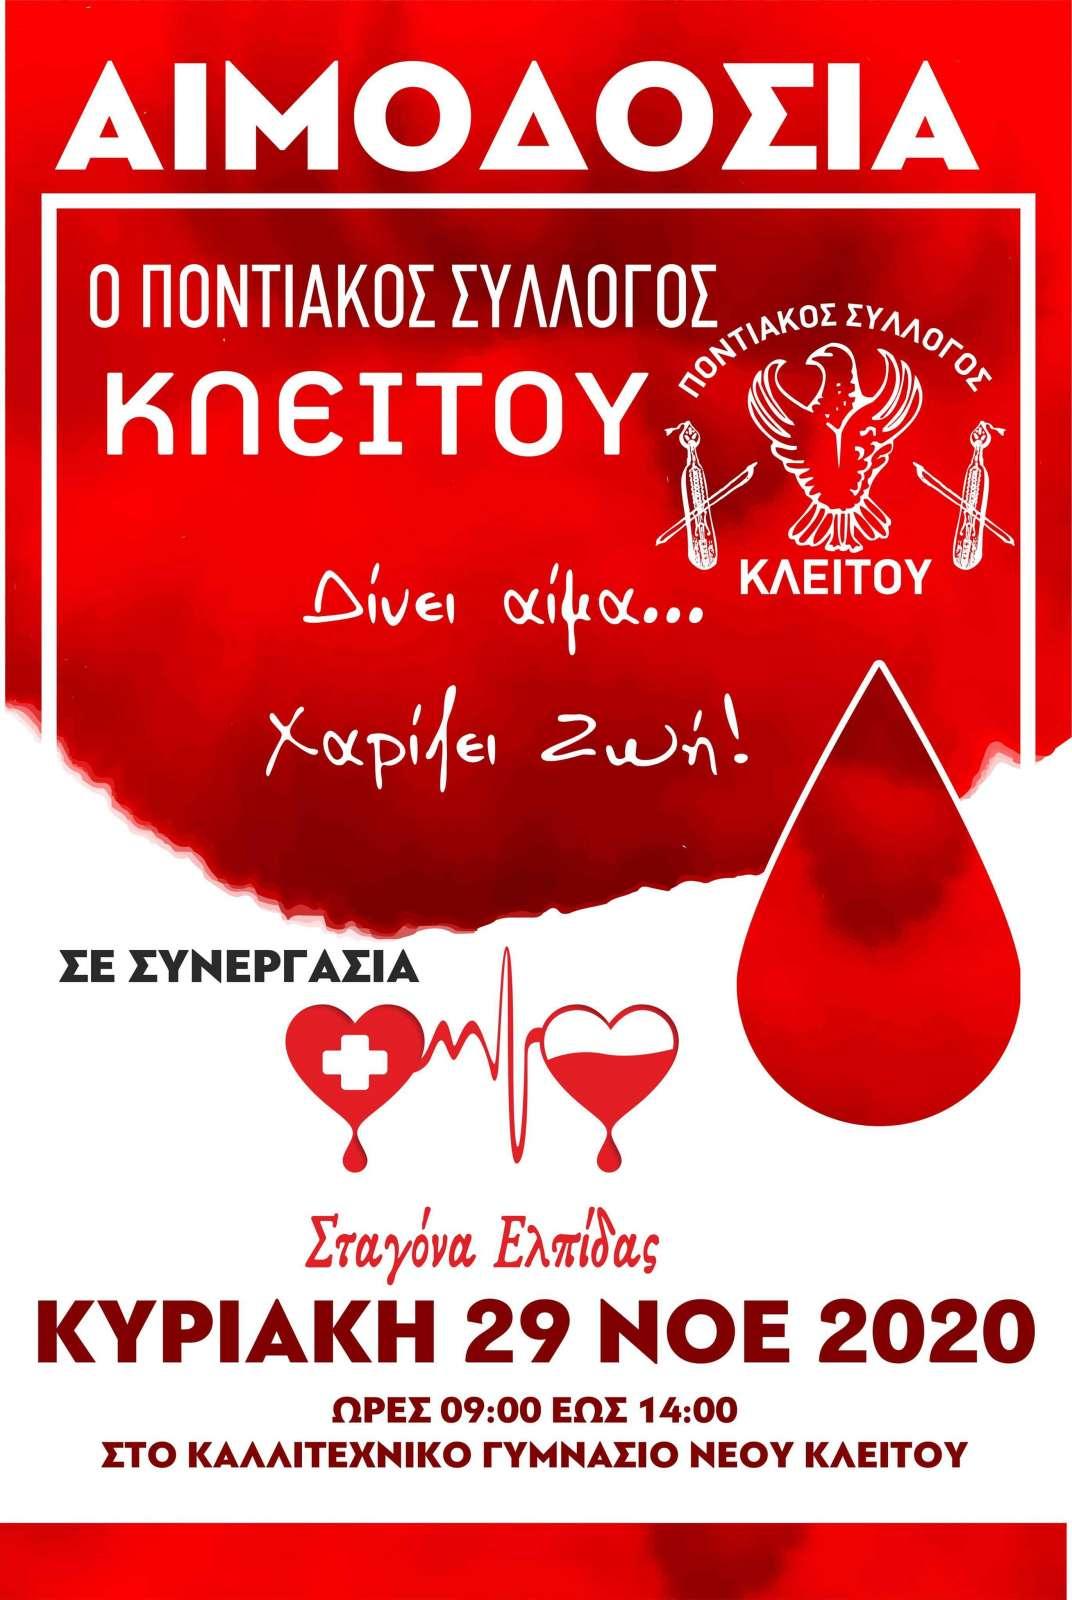 Εθελοντική αιμόδοσία από το Σύλλογο Εθελοντών Αιμοδοτών Αιμοπεταλιοδοτών Σταγόνα Ελπίδας και το πολιτιστικό σύλλογο Κλείτου την Κυριακή 29 Νοεμβρίου